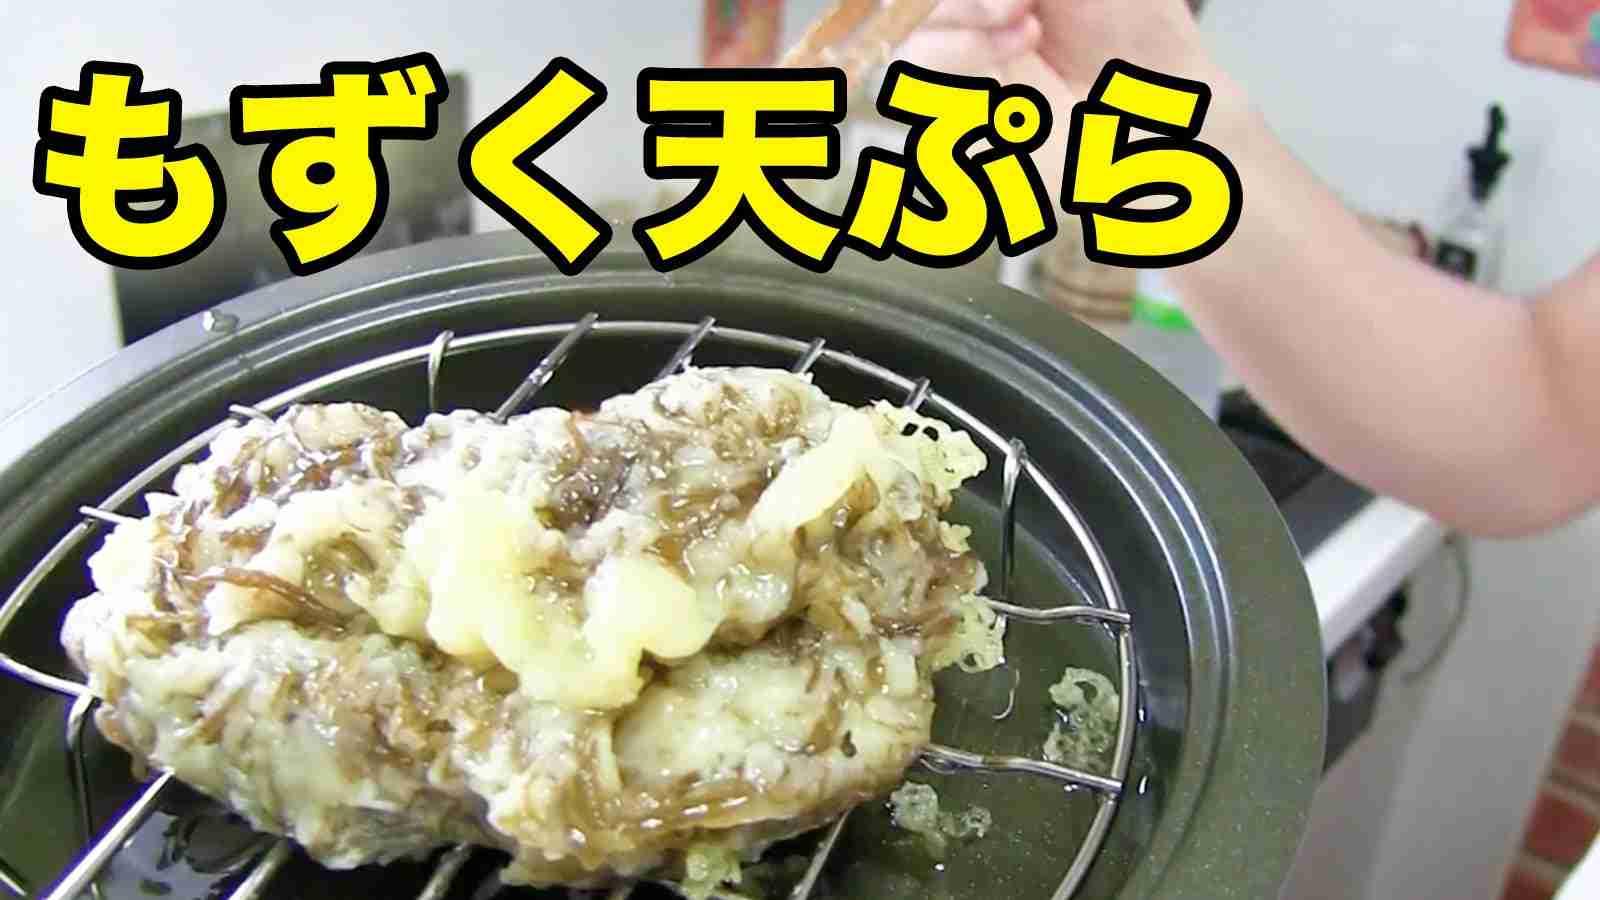 【初体験】もずく天ぷらが想像の斜め上をいく旨さ!!【佐久間一行&はいじぃ】 - YouTube